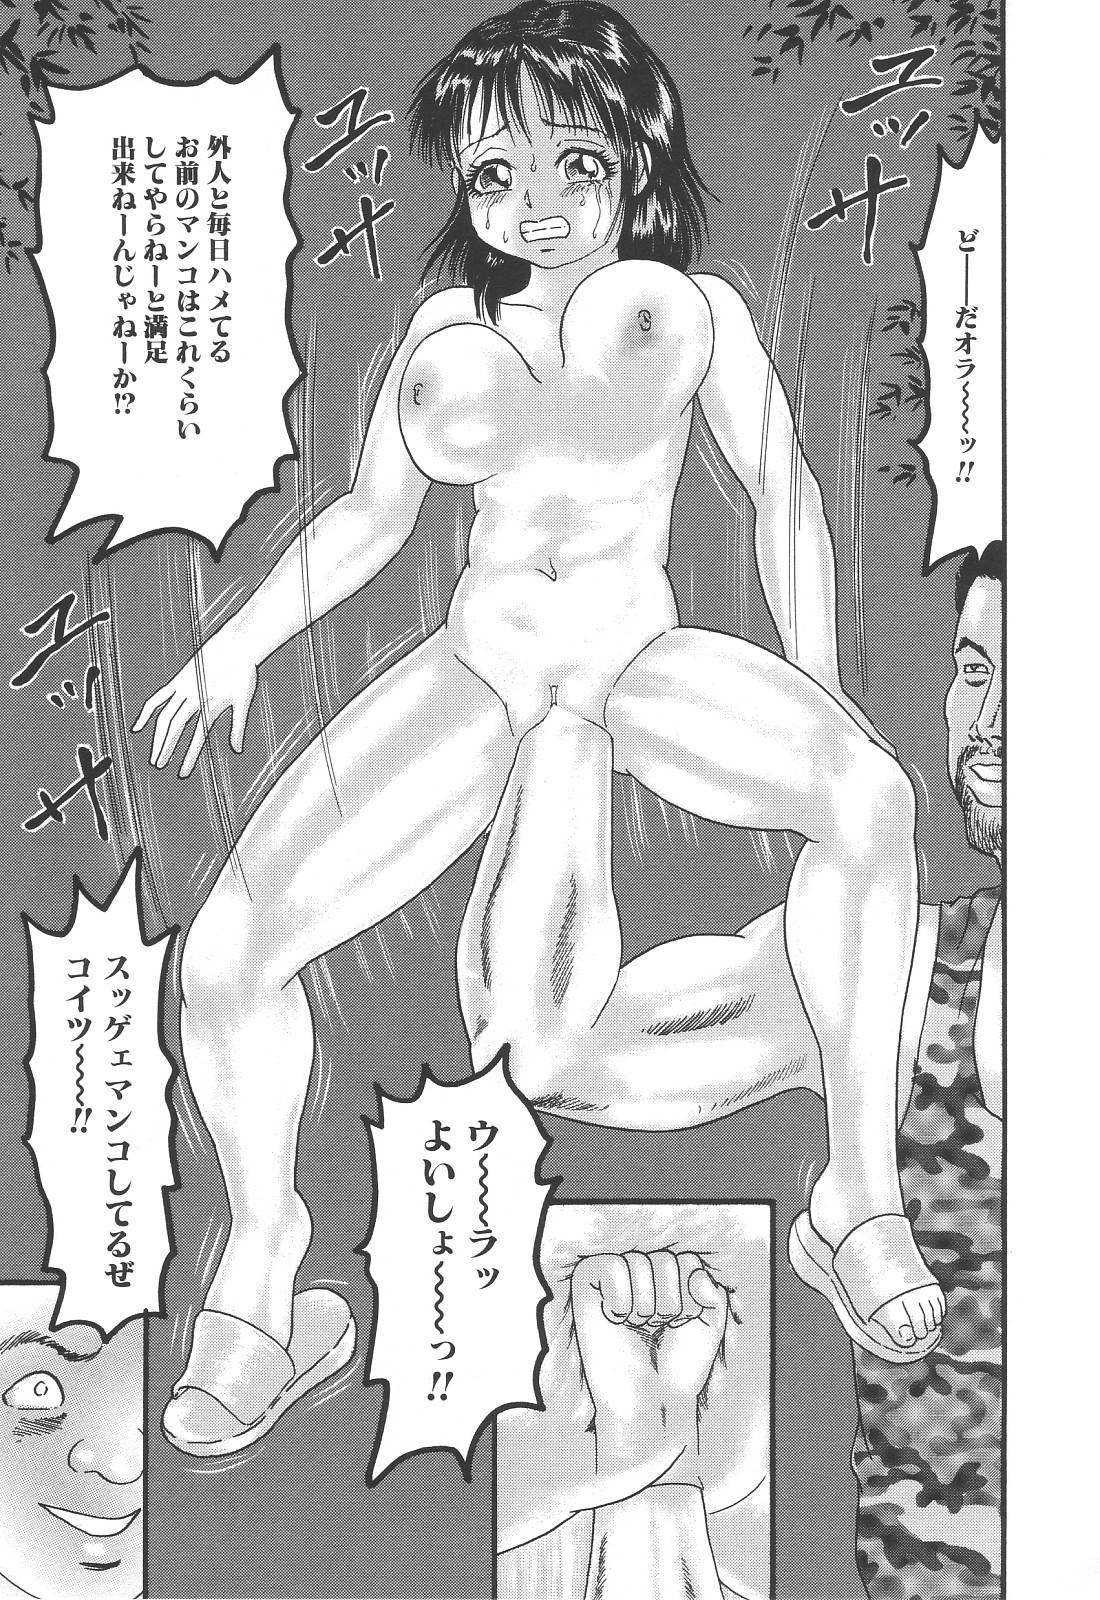 Bakunyuu Kyousei Rinkan 154